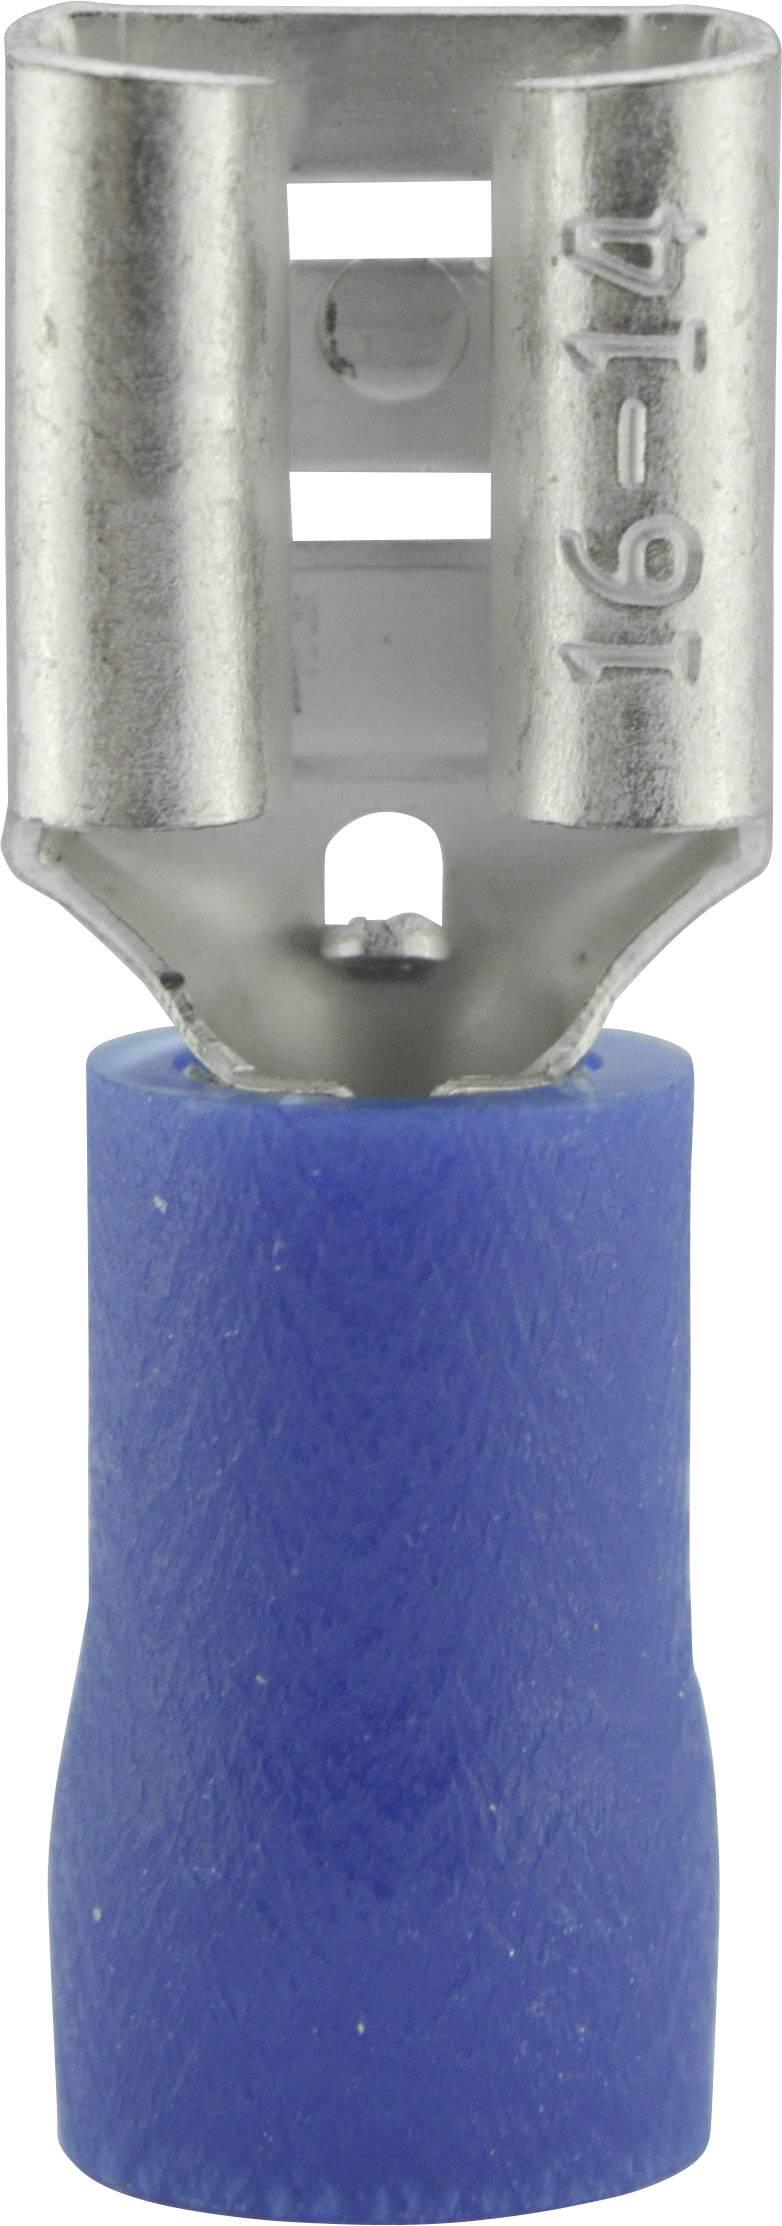 Faston konektor zásuvka Vogt Verbindungstechnik 3906S 6.3 mm x 0.8 mm, 180 °, čiastočne izolované, modrá, 1 ks